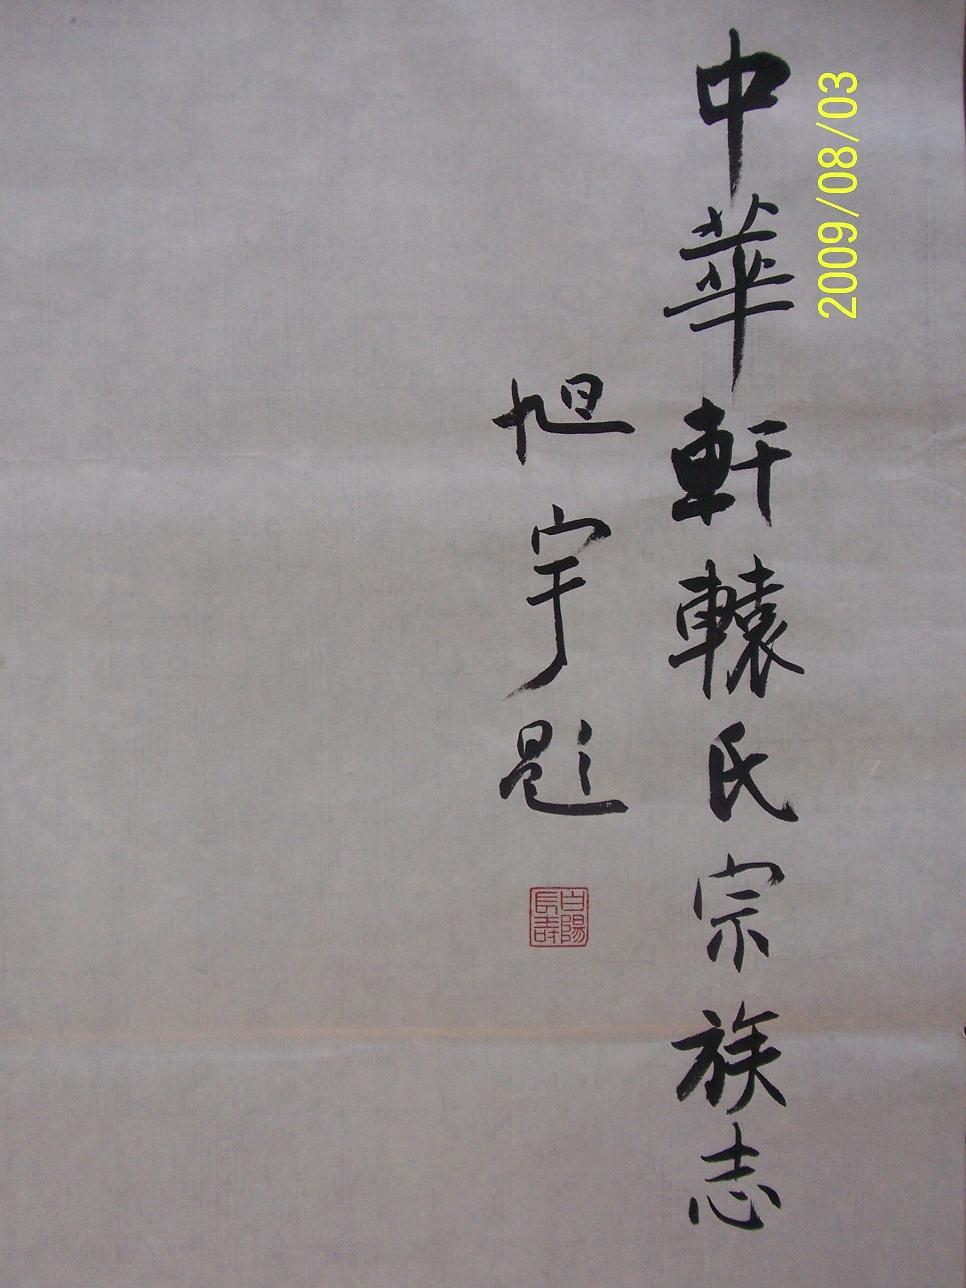 ... 避圣讳而改复姓为单姓轩(为避免我轩辕之'辕'字图片